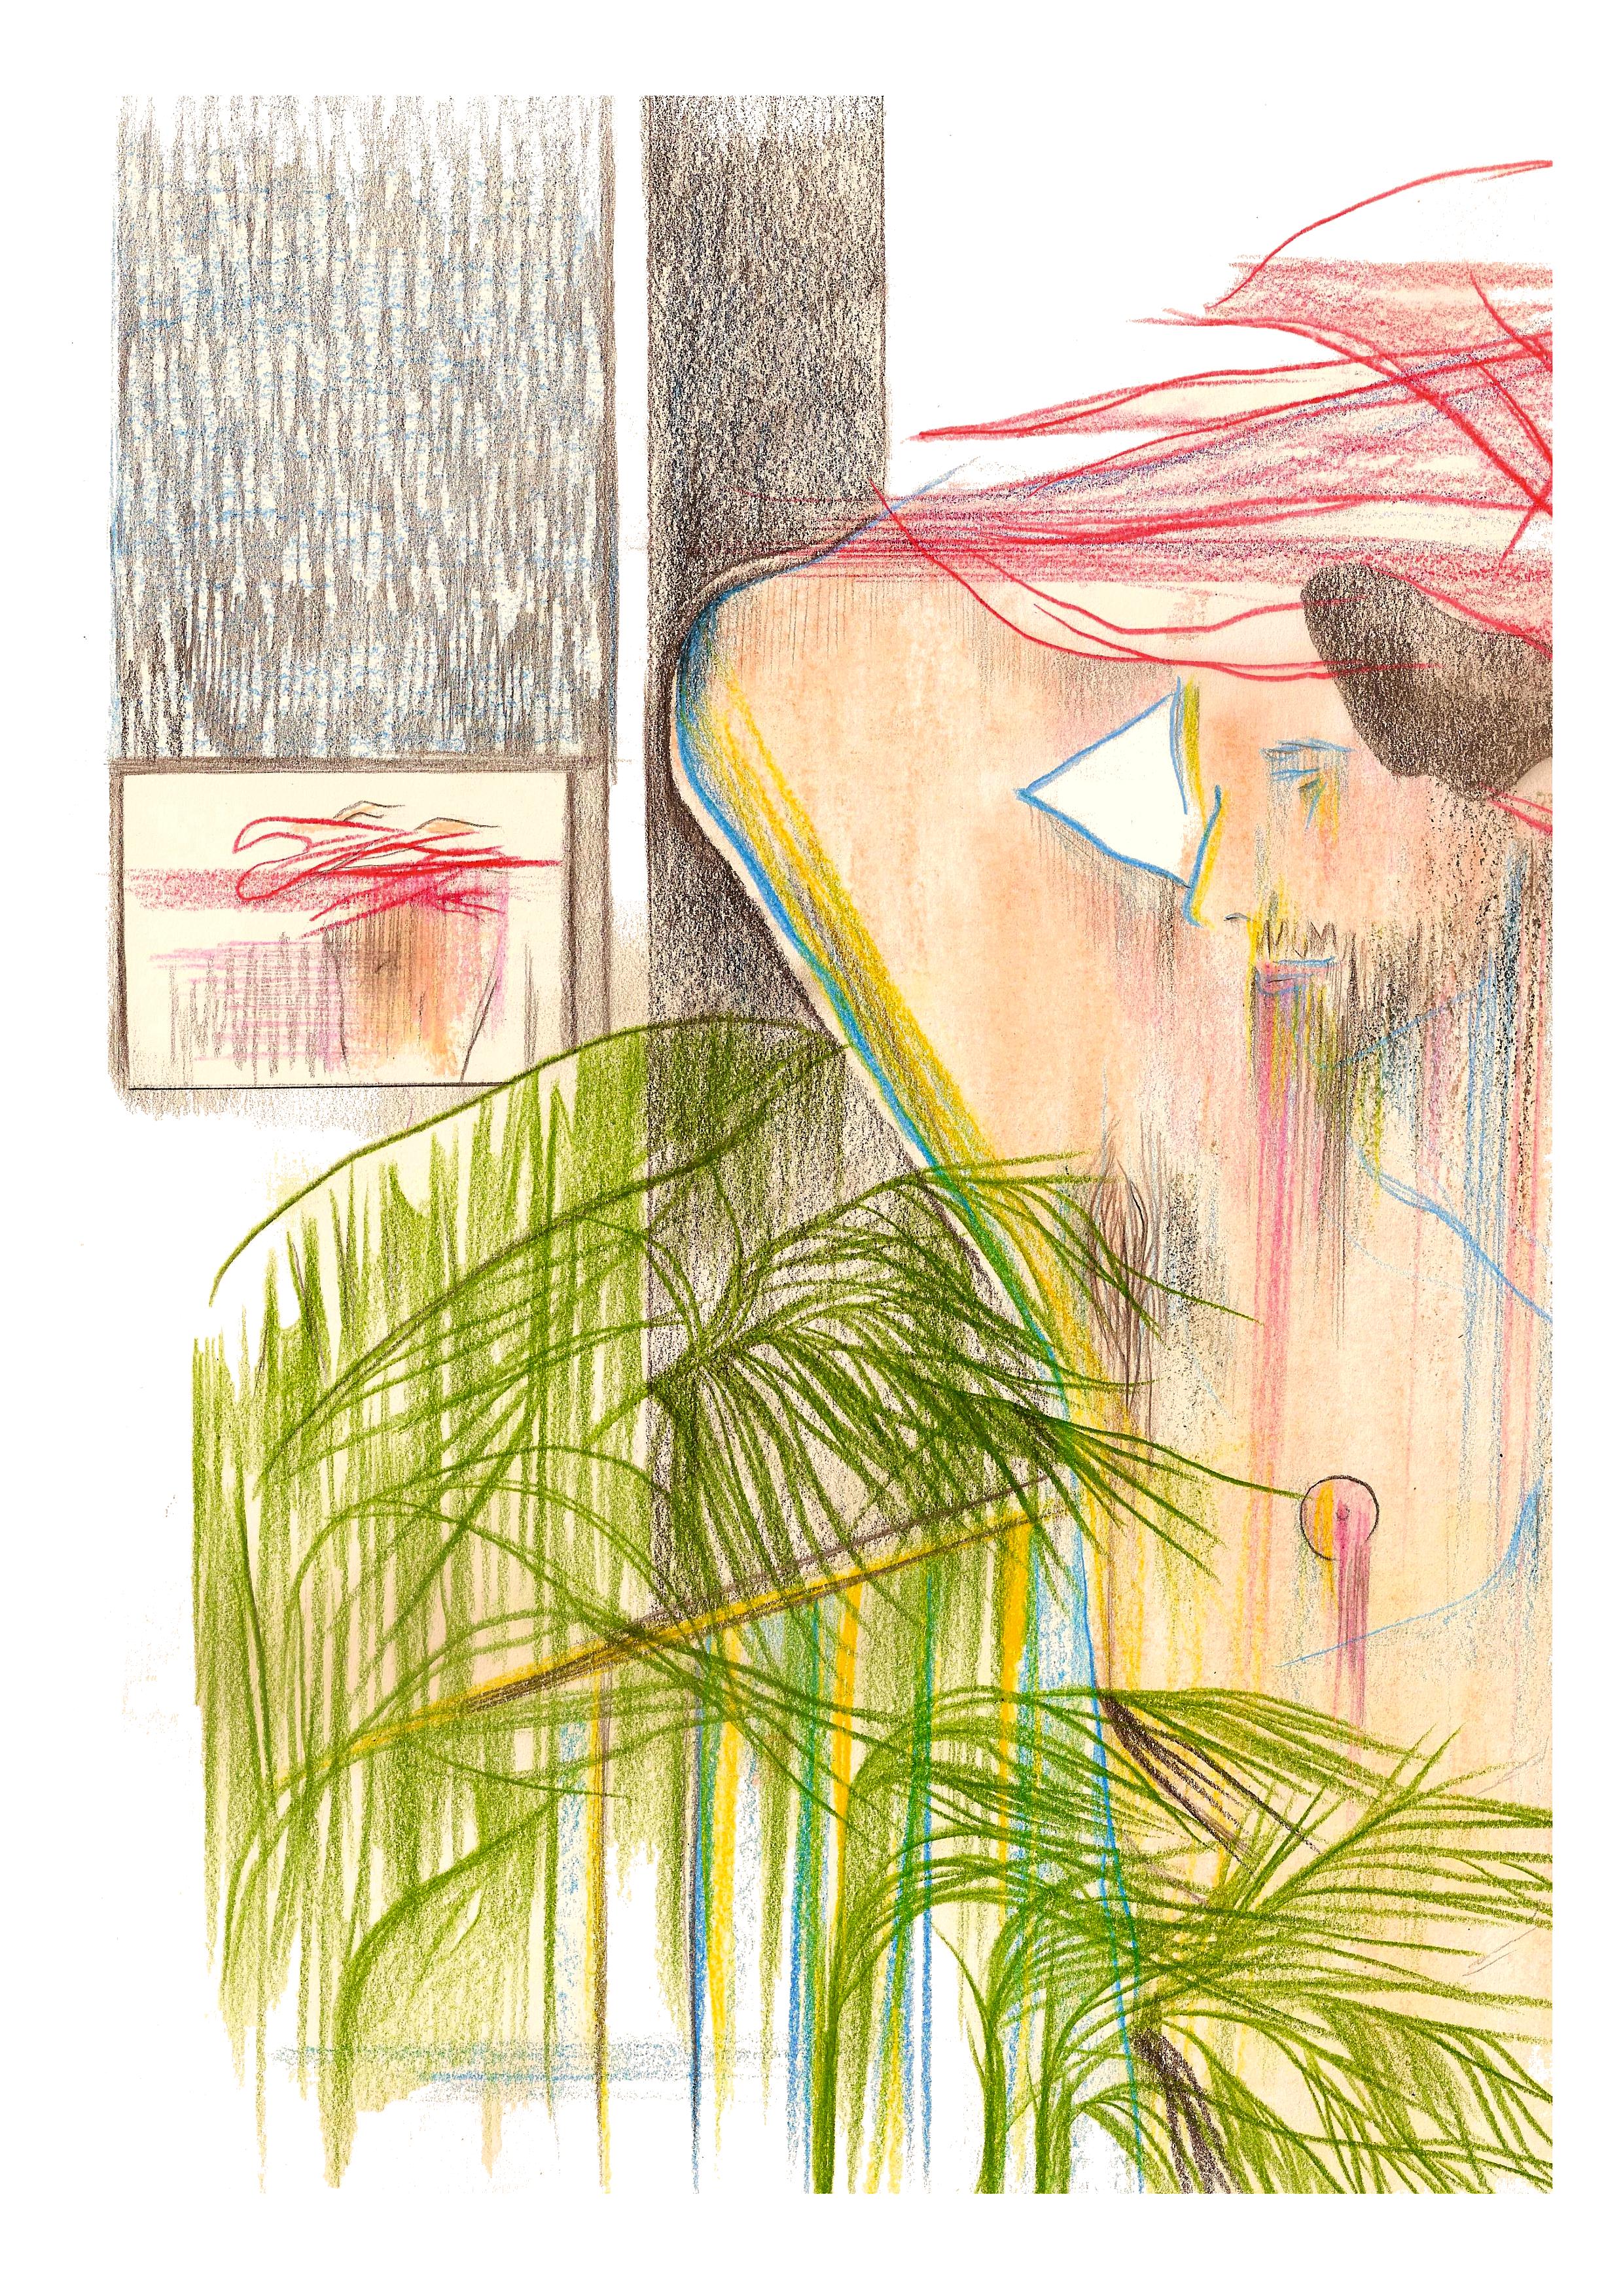 L'homme aux plantes | GALERIE TREIZE DIX / L'HOMME AUX PLANTES | NOÉMIE CHUST